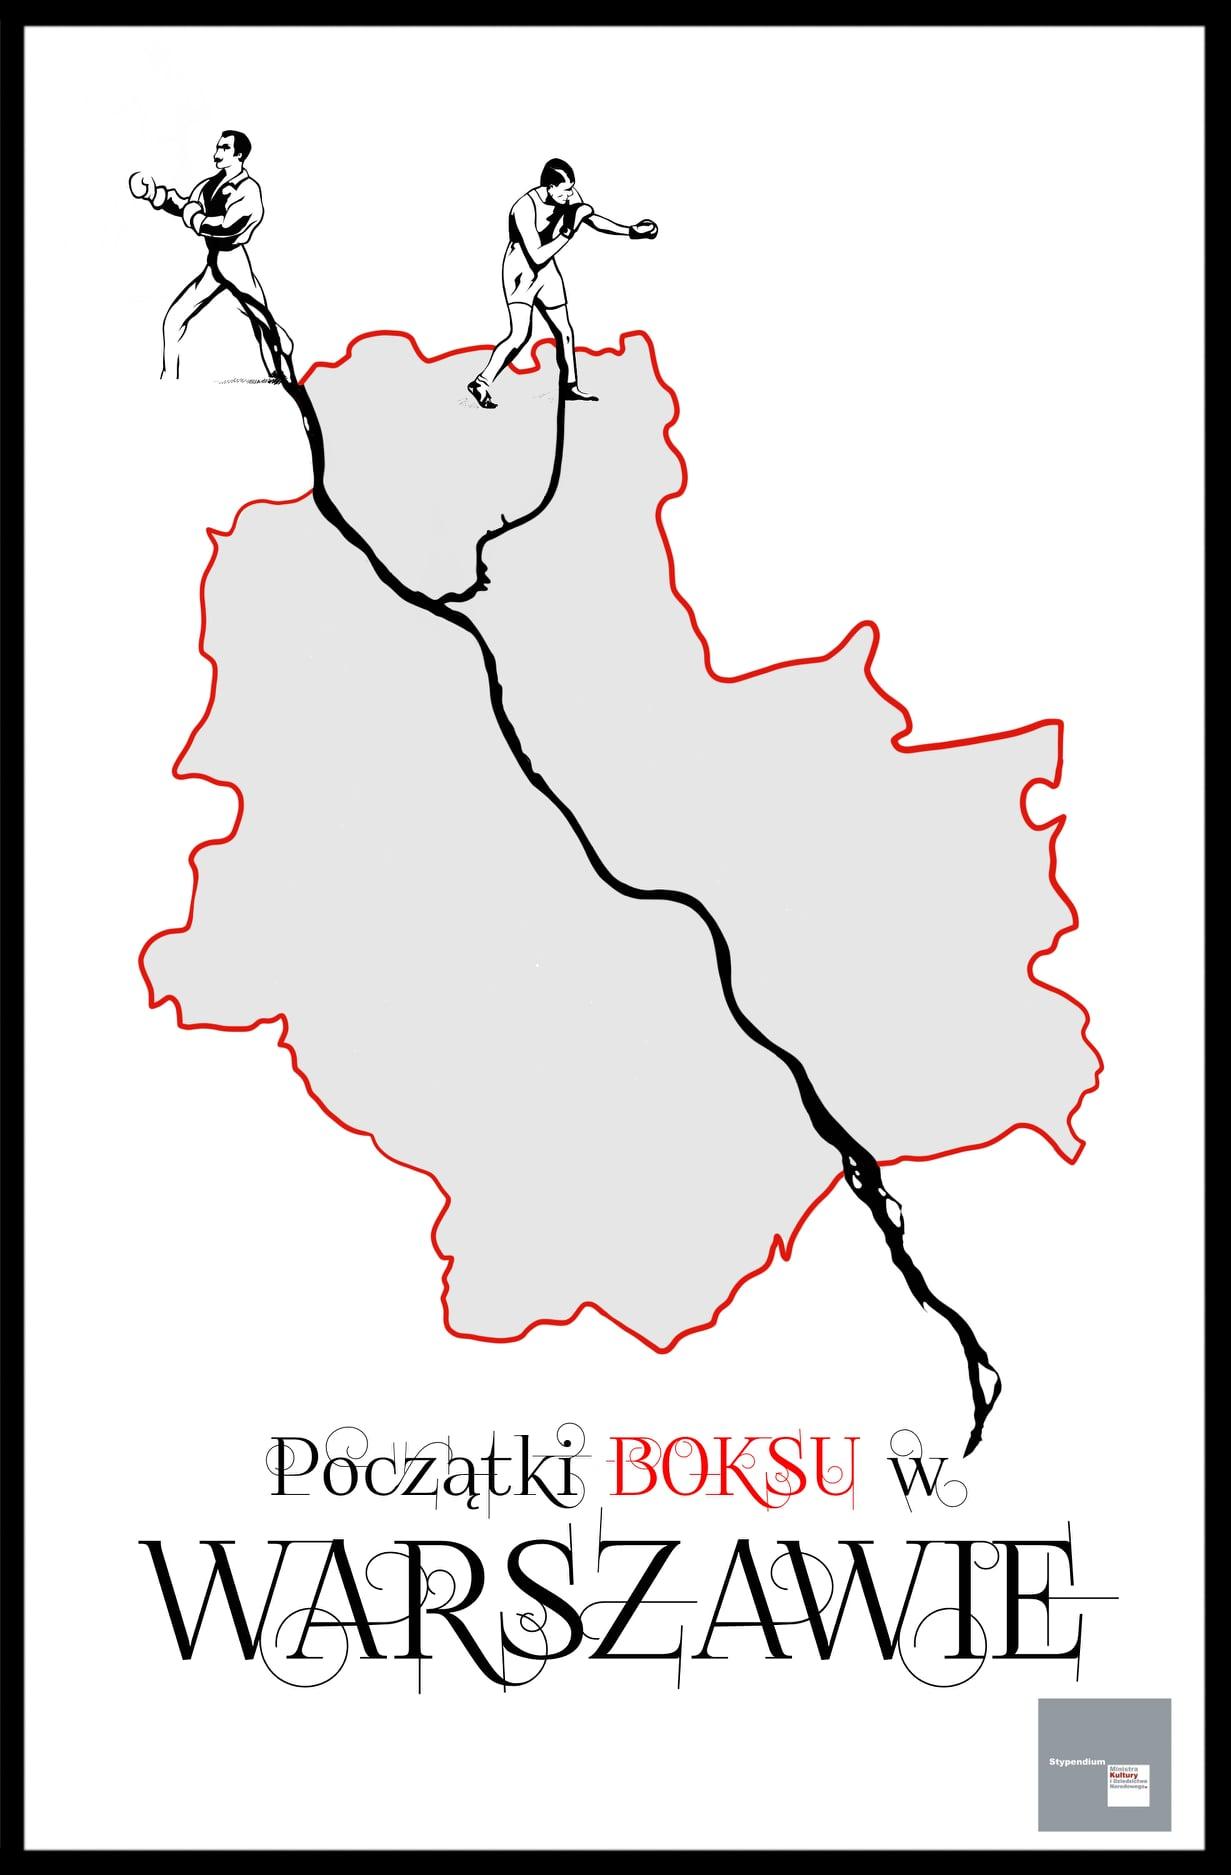 MKIDN Kultura w sieci - WORO Paweł Worobiej Manwith Passion